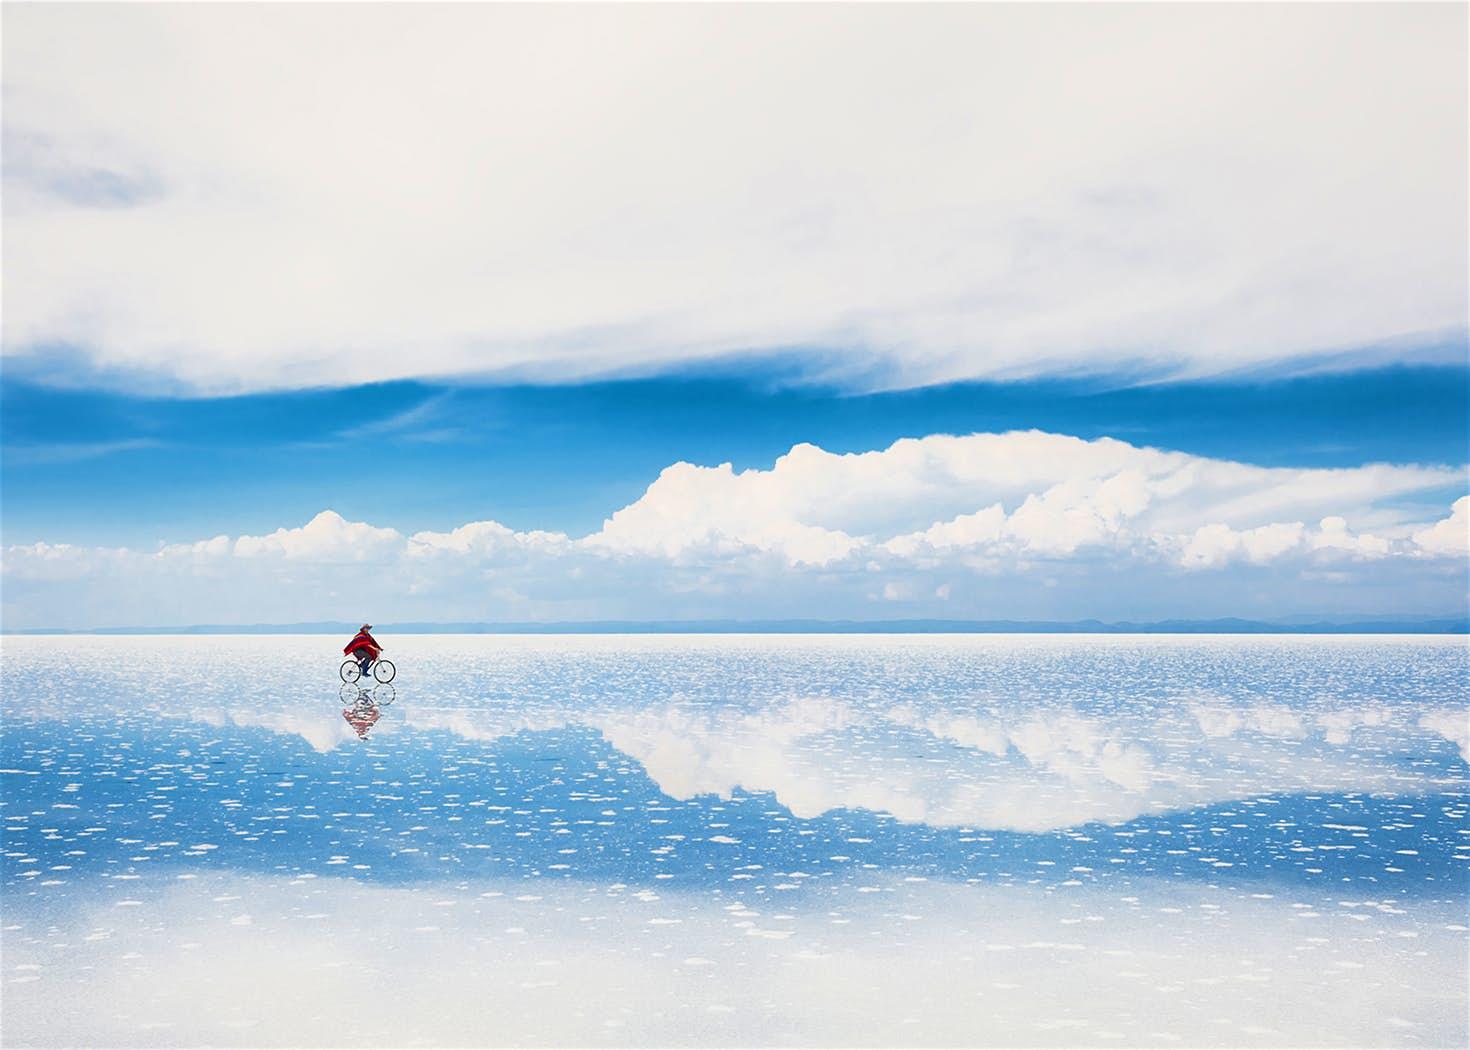 Việt Nam lọt top những địa điểm phiêu lưu tuyệt nhất thế giới - 7